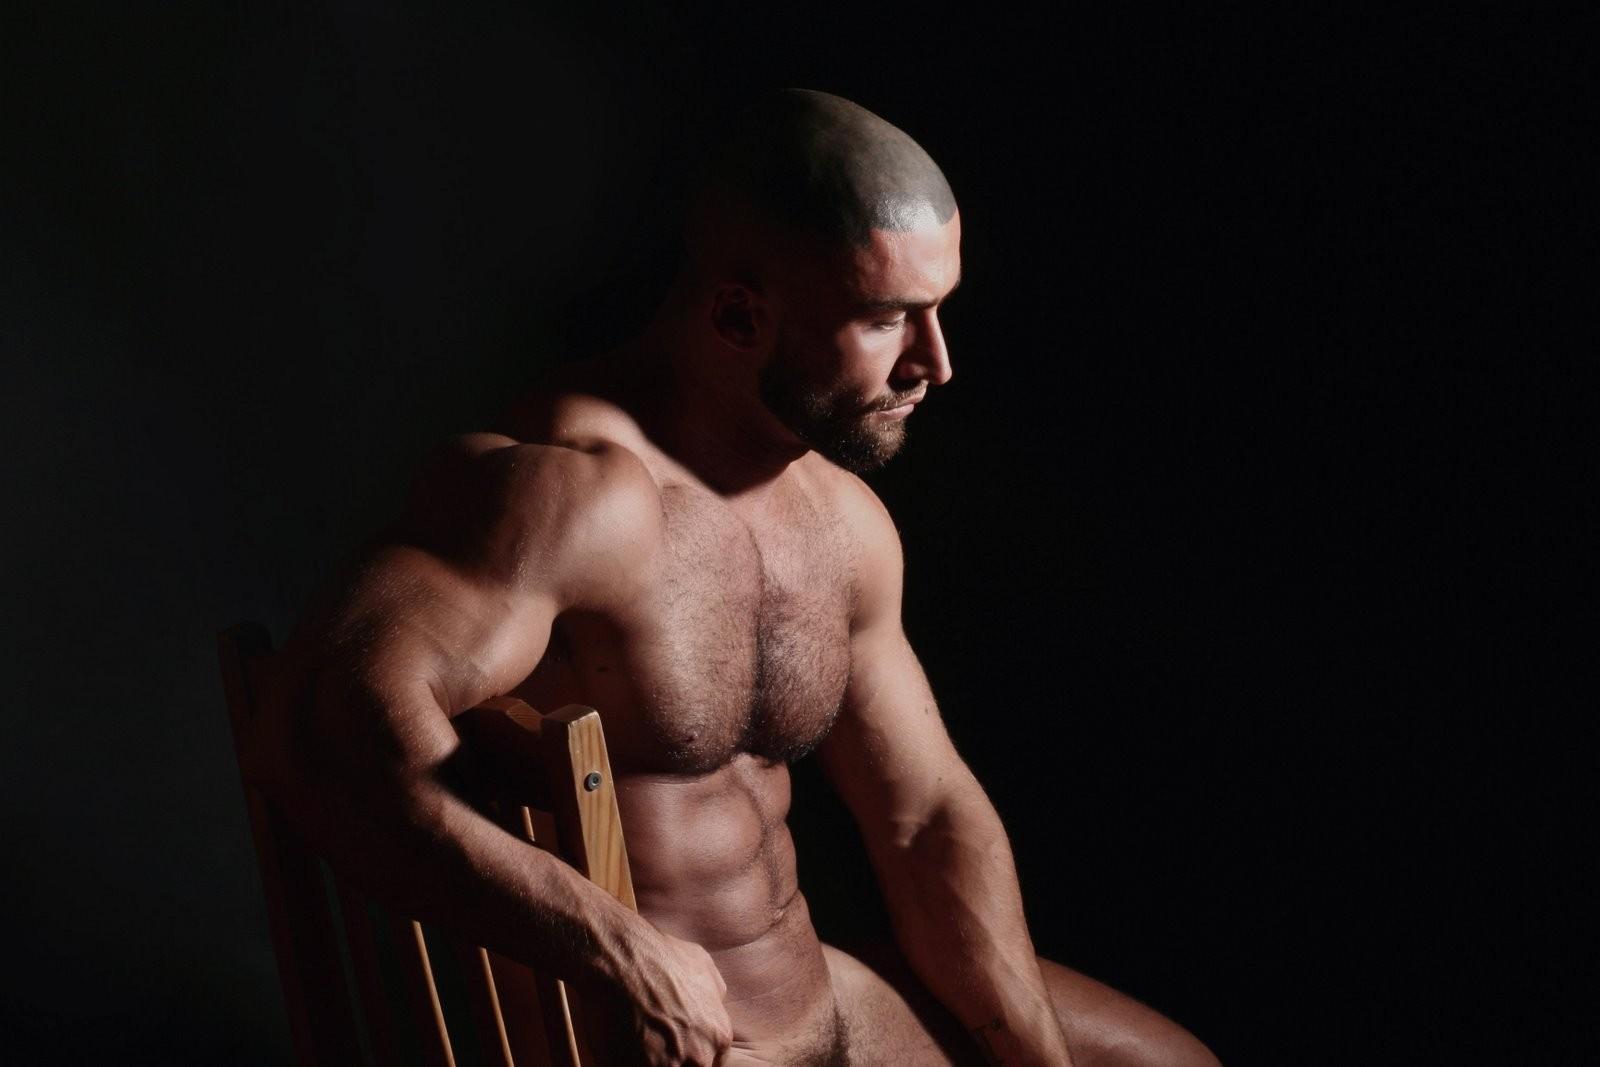 Wallpaper  Men, Shirtless, Bodybuilding, Nude, Man, Sense -2493